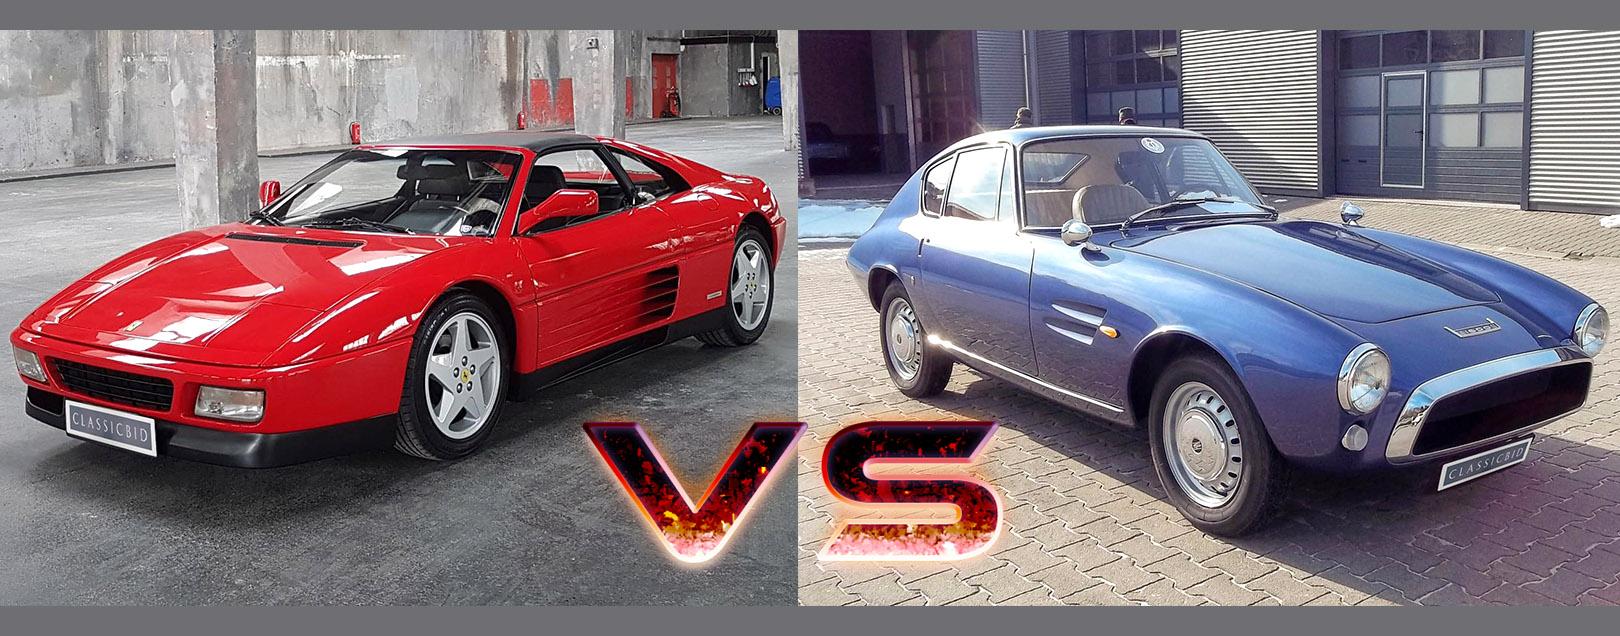 Titelbild_Ferrari_vs_Fiat1